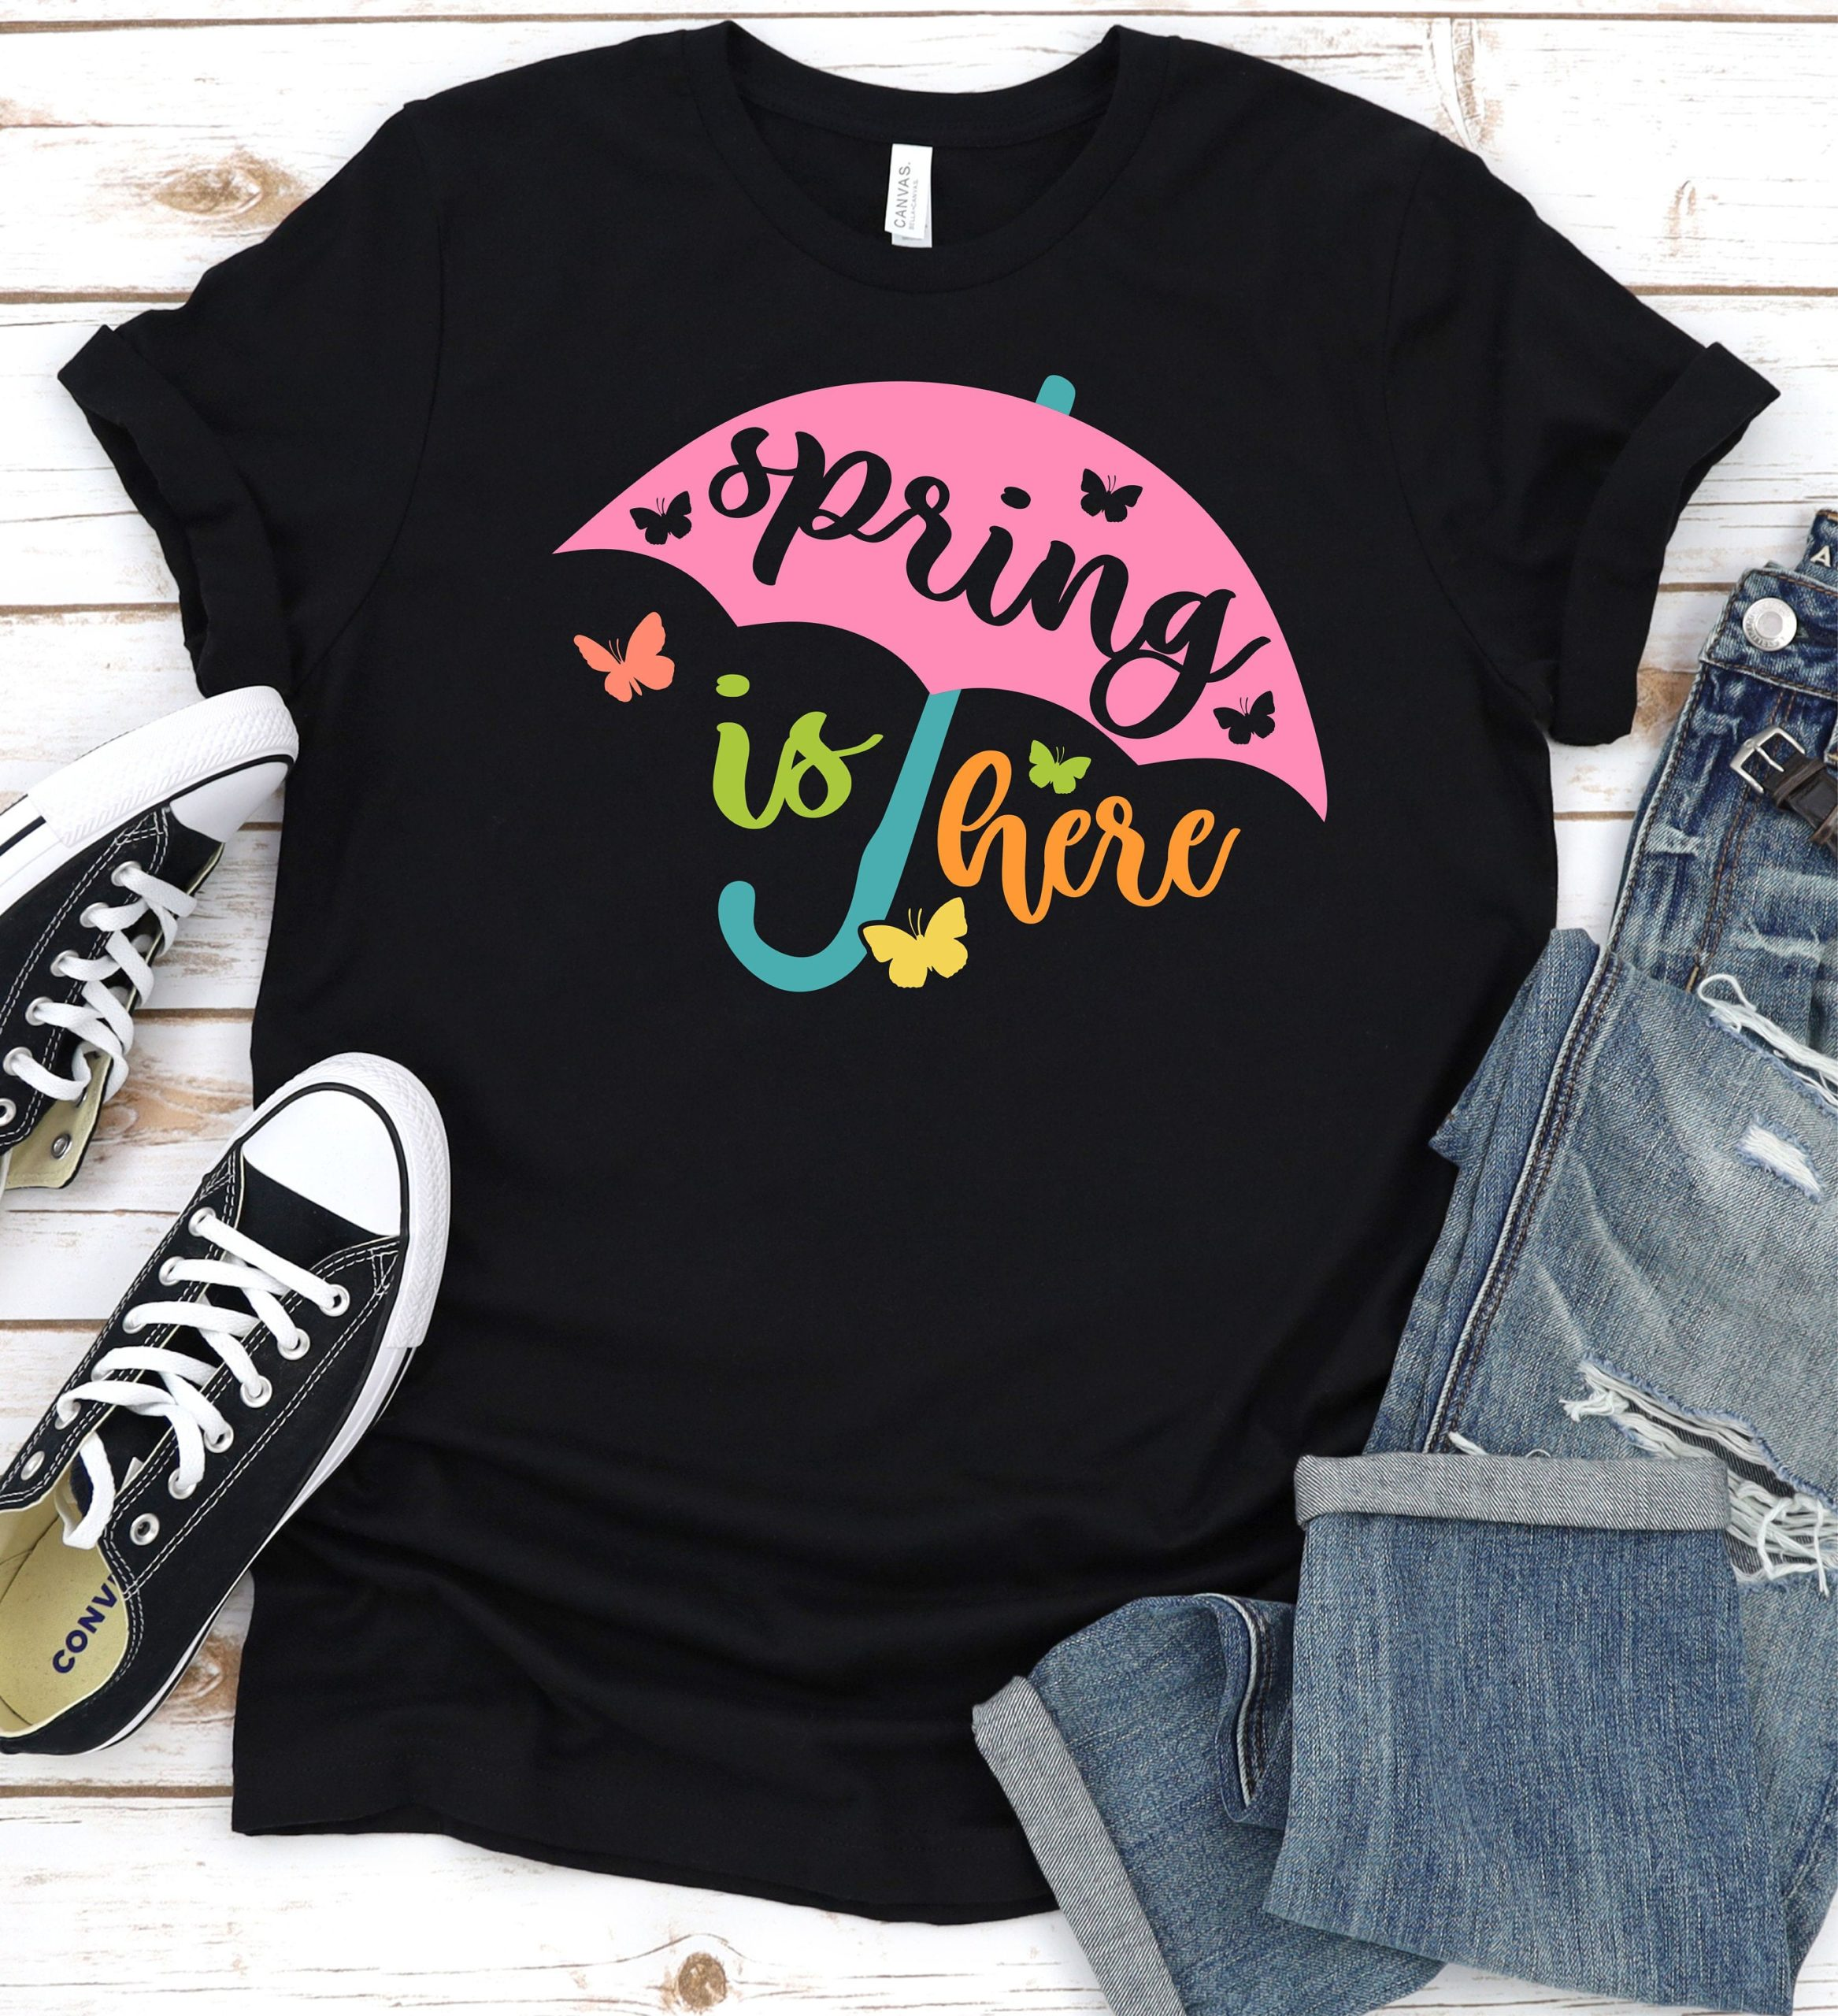 Spring-svg-spring-is-here-svg-spring-svgs-spring-time-svg-springtime-svg-flowers-svg-spring-svg-design-spring-cut-filecricut-svg-60512937